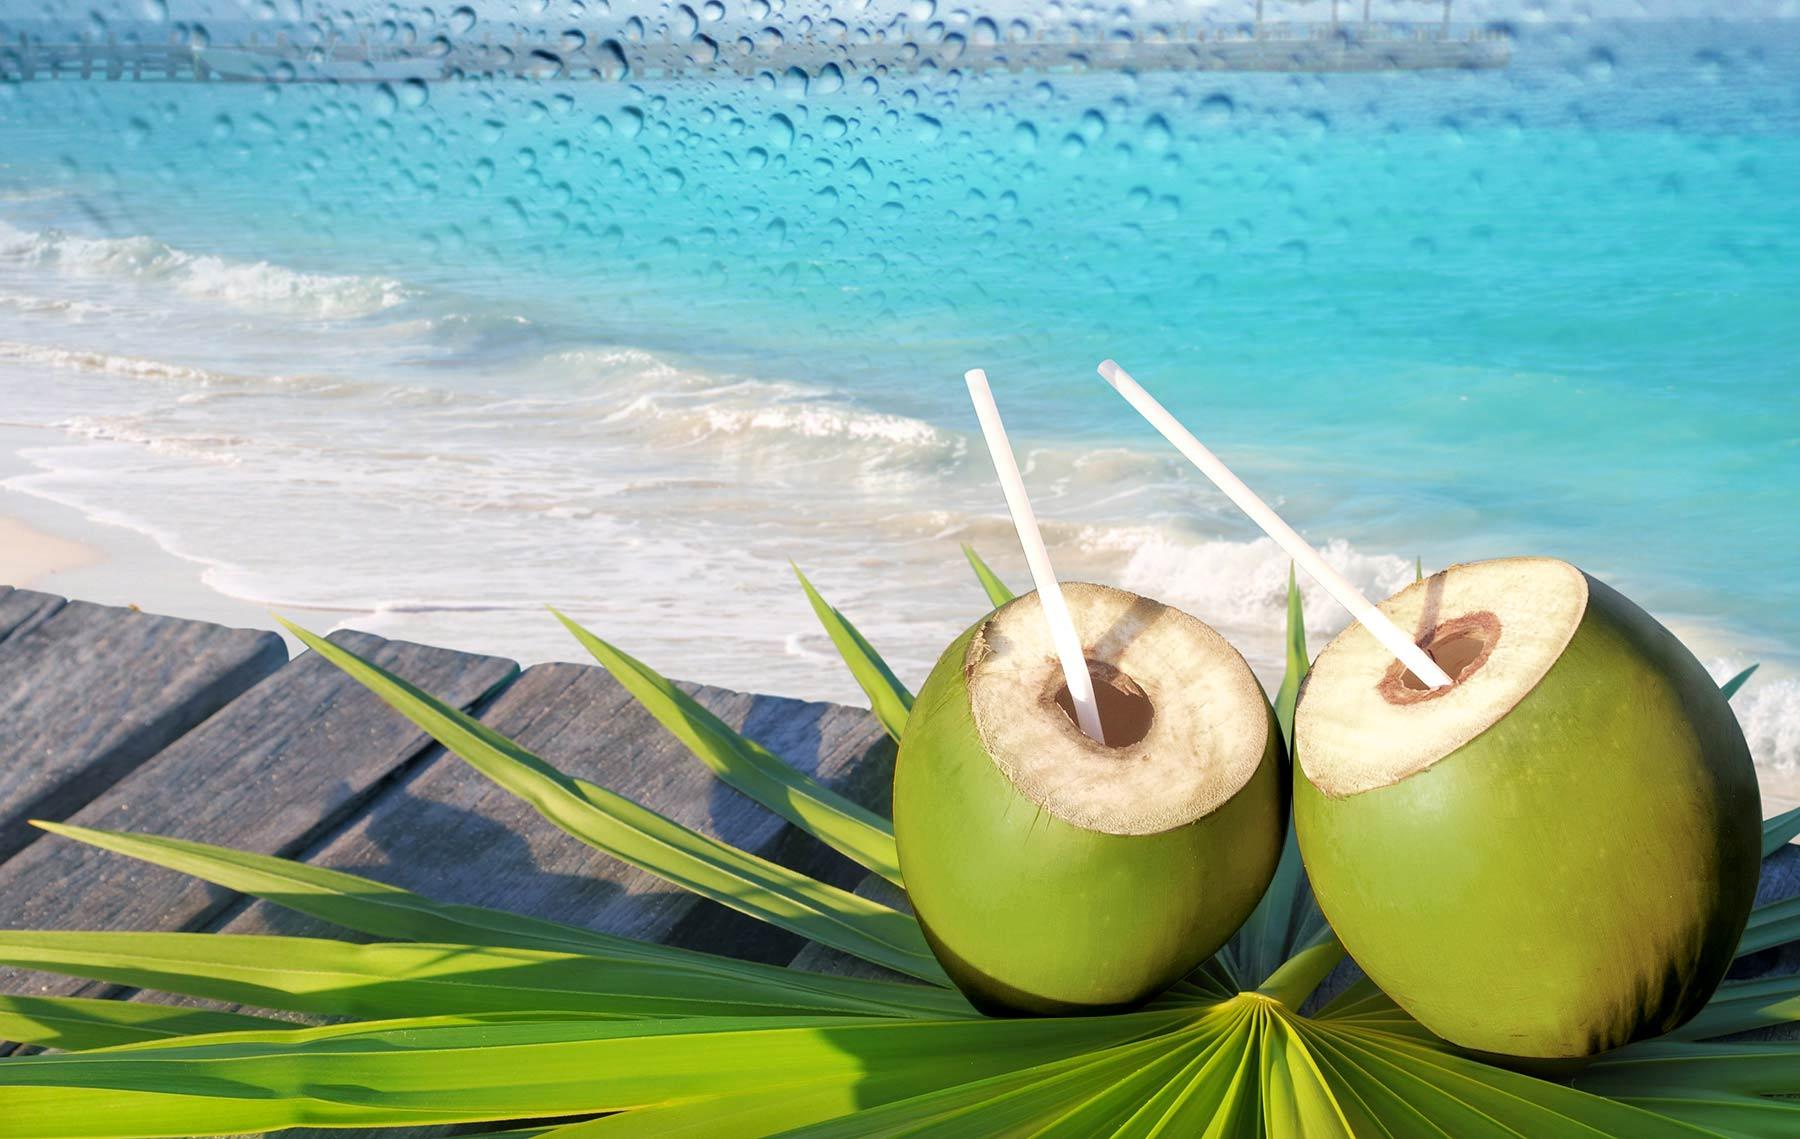 agua de coco, coconut water, giovana quaglio